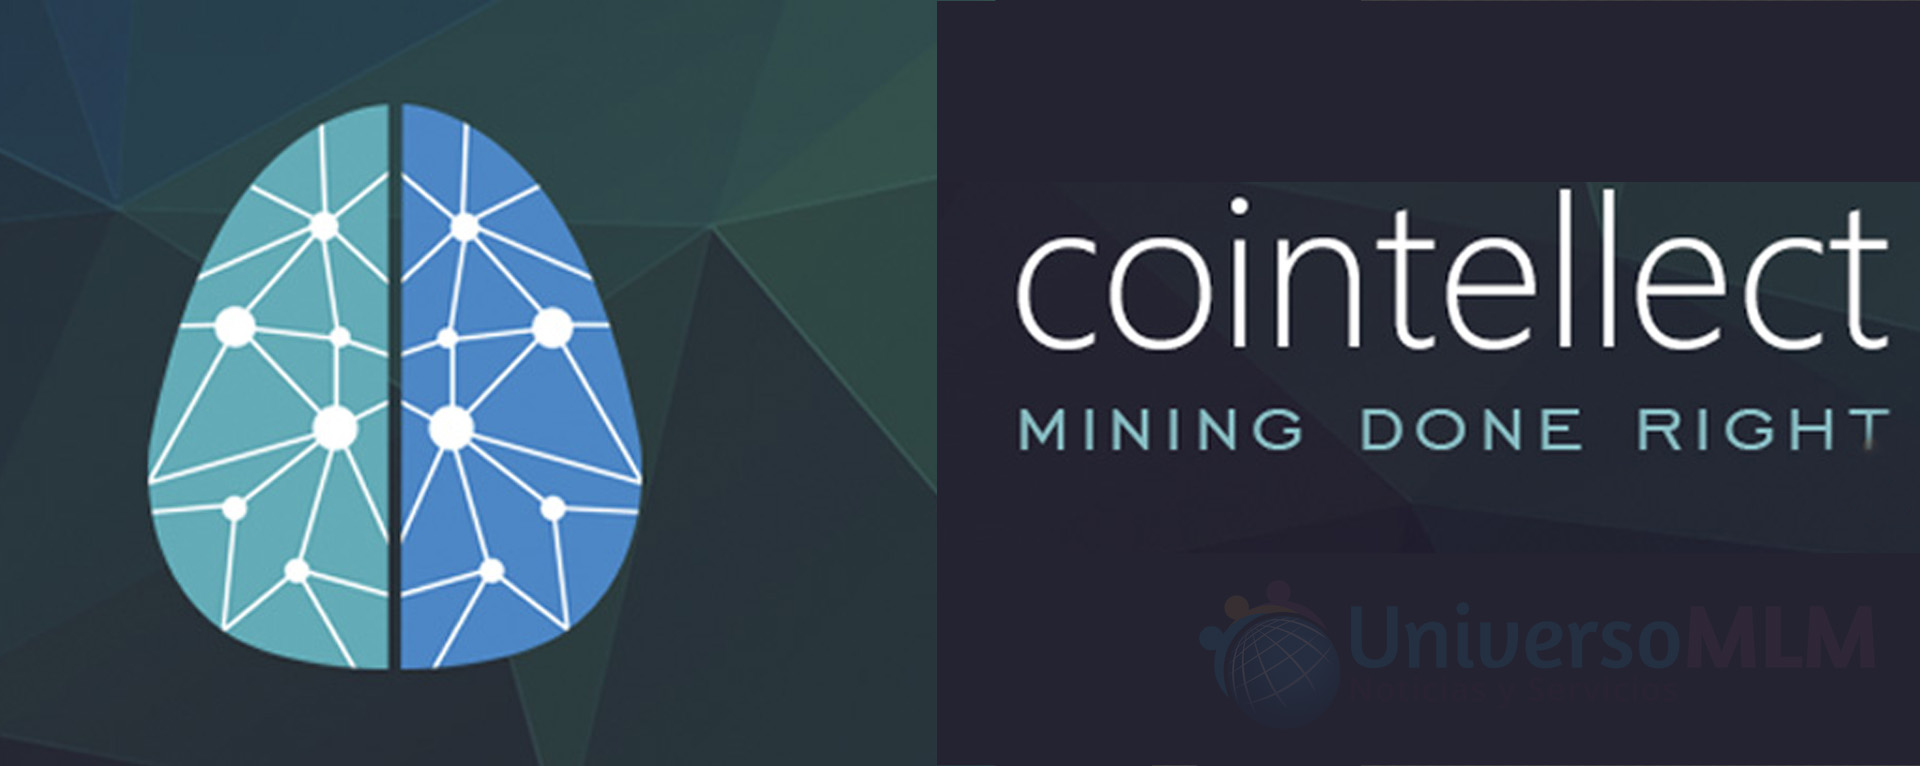 Oportunidades Online: Cointellect, una compañía para acuñar moneda en un pool de mineros agrupados